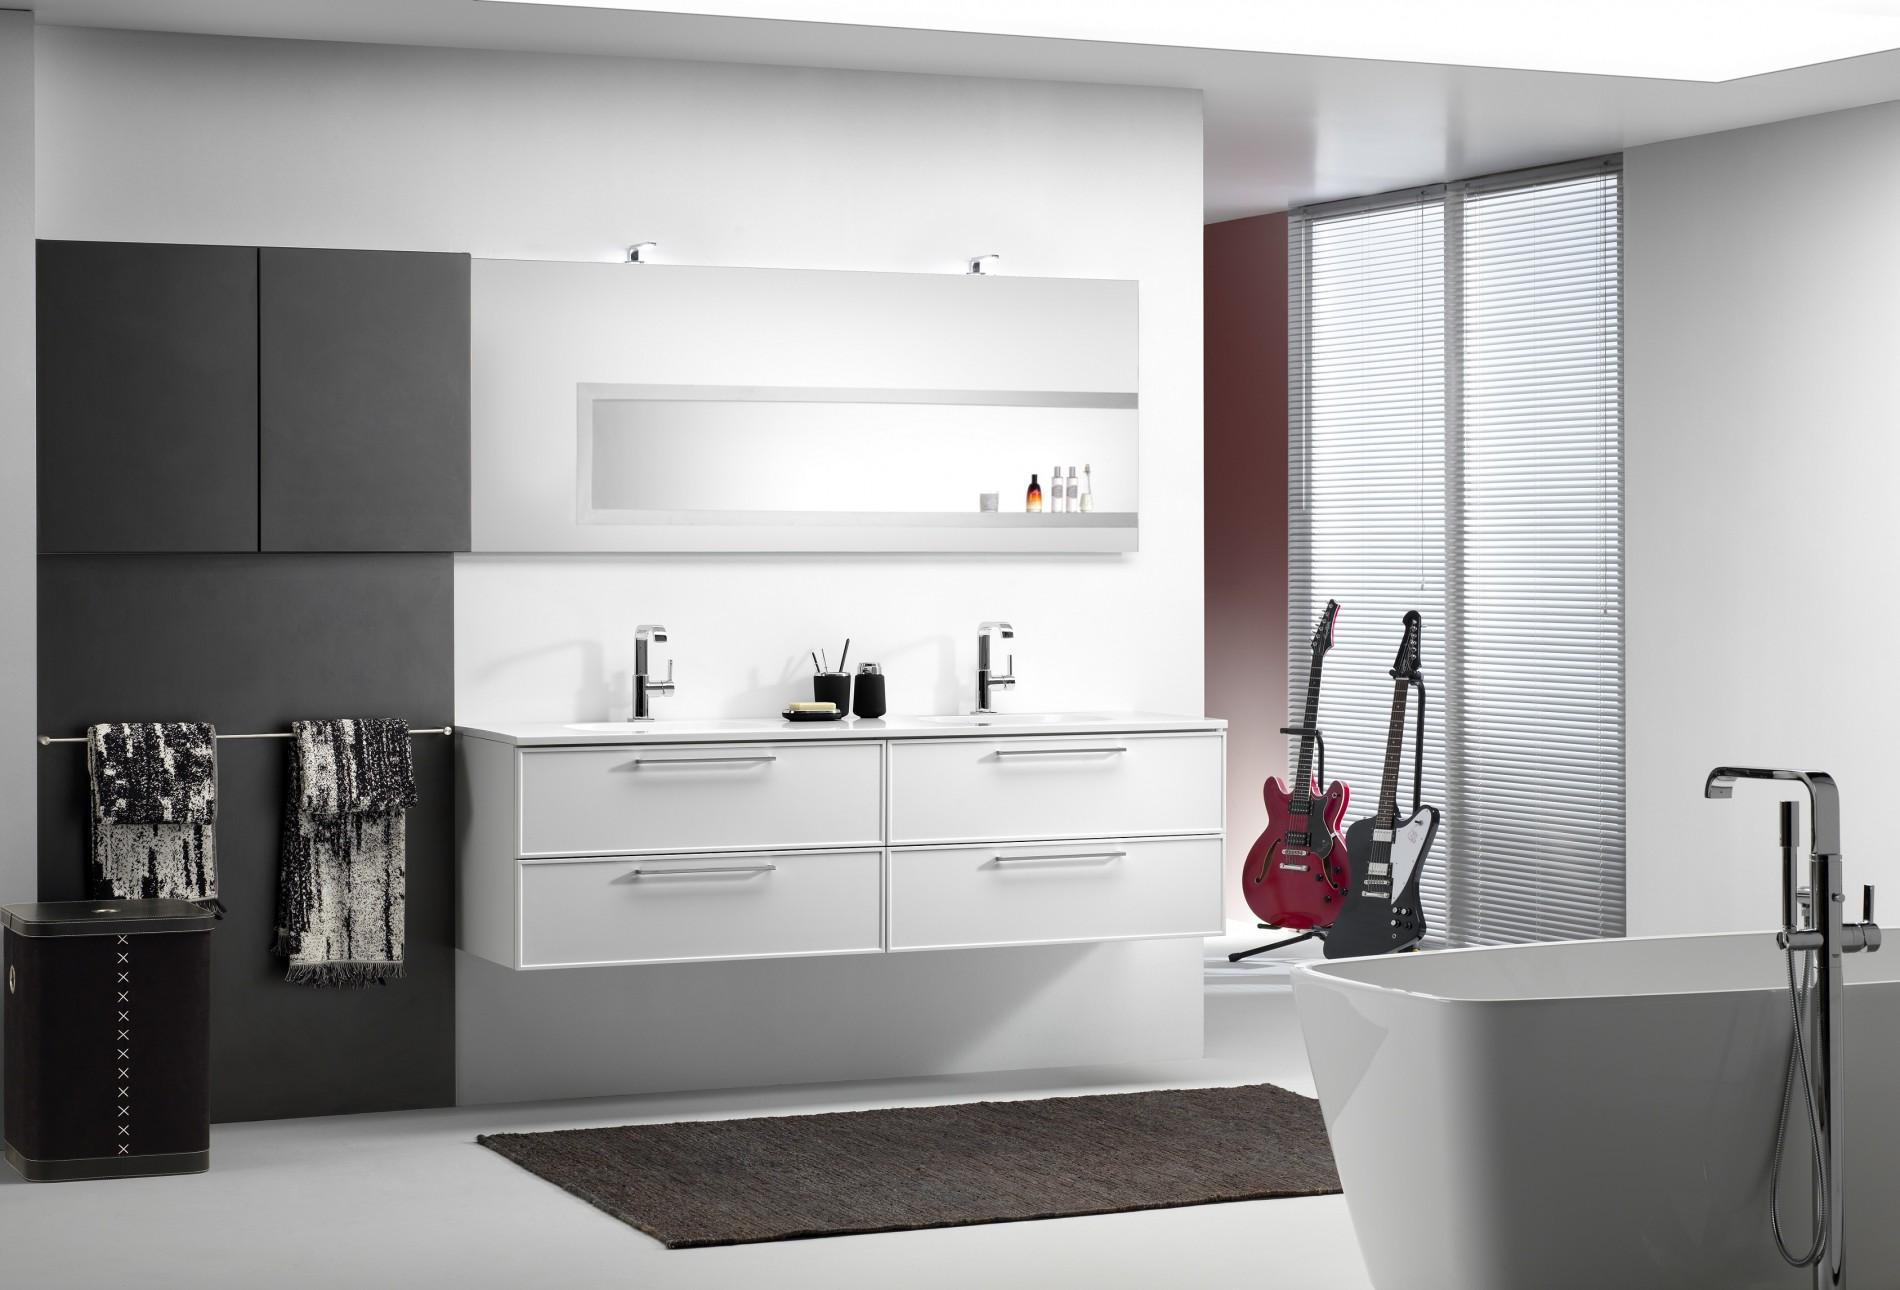 Wastafel Badkamer Hoogte : Hoogte lichtschakelaar badkamer badkamer ideen hoogte wastafel en